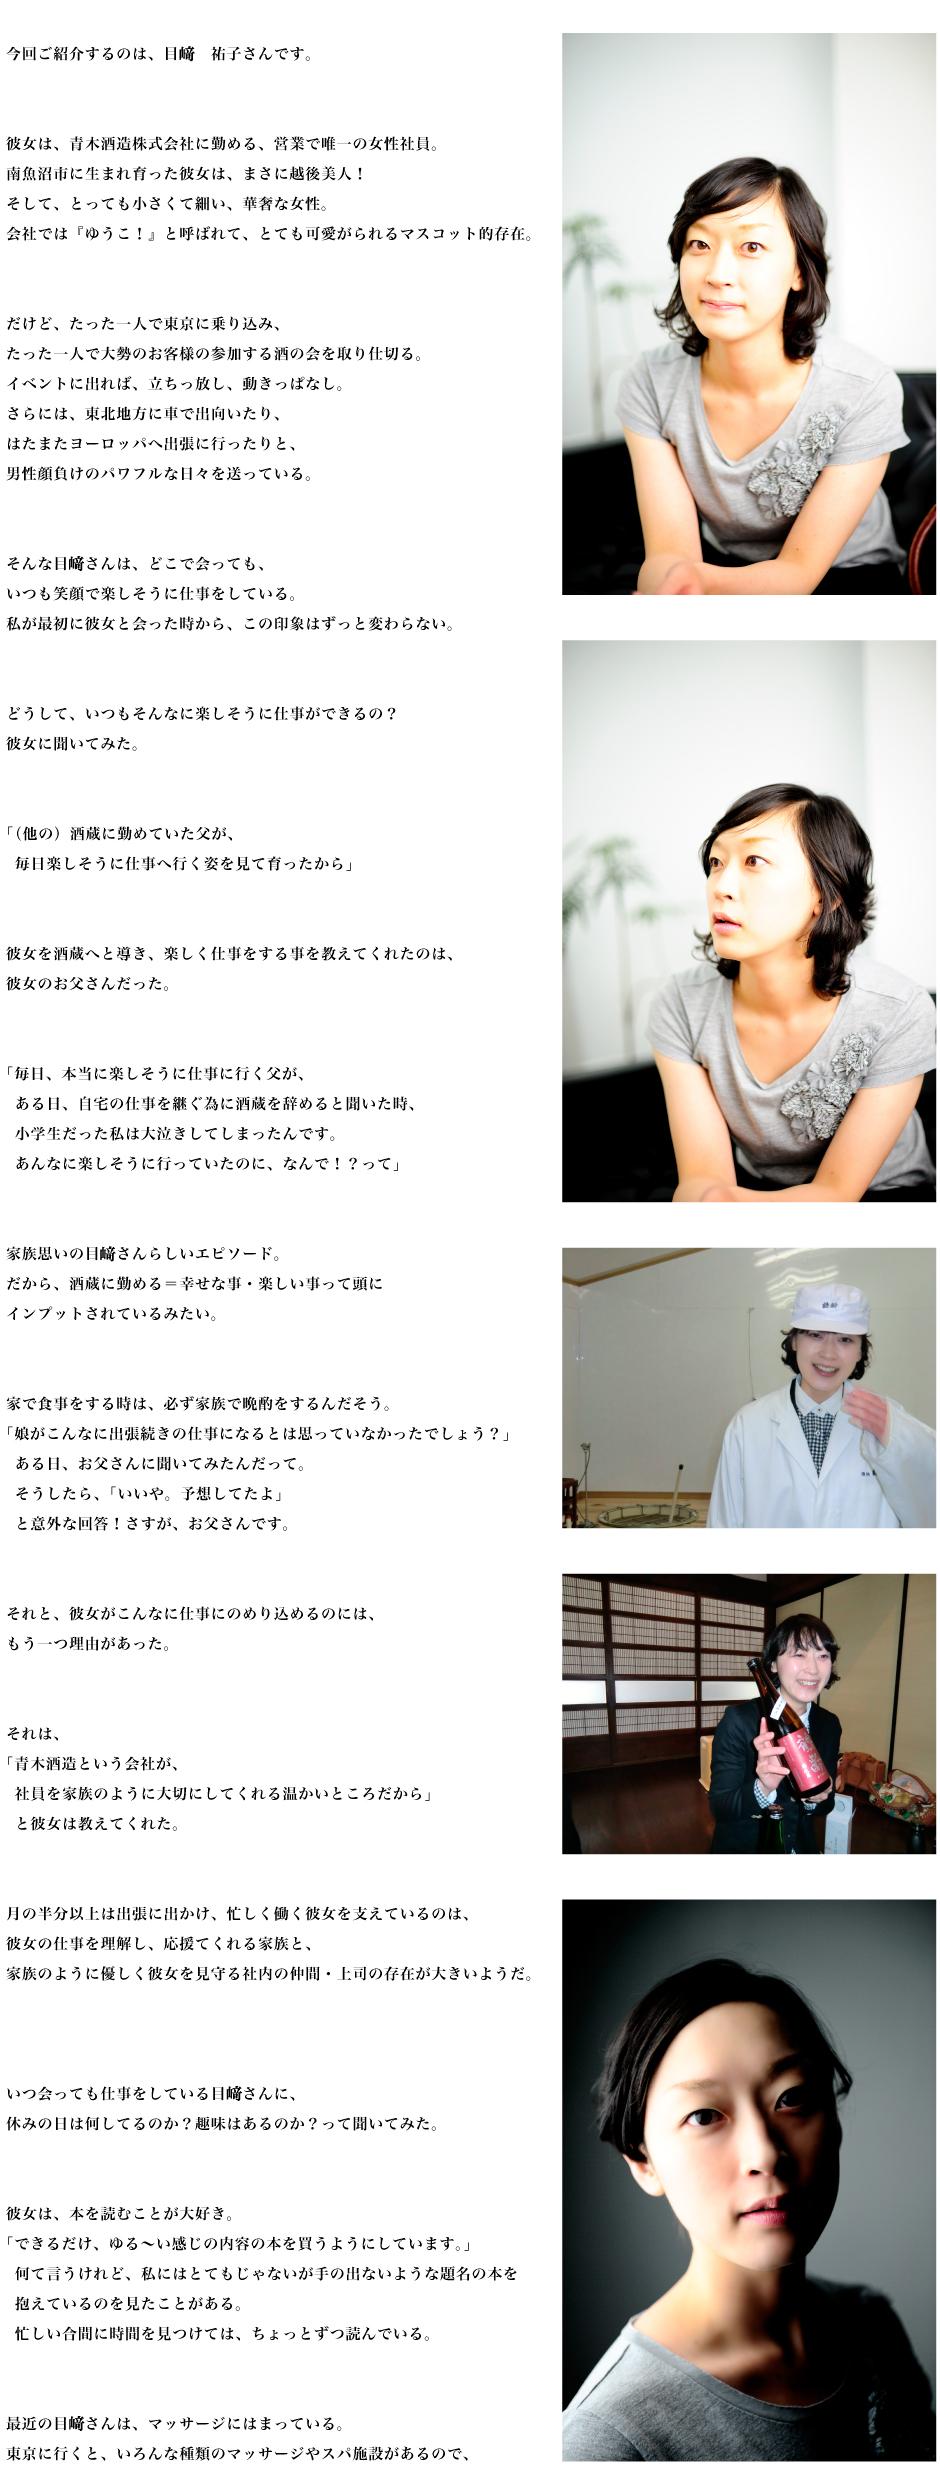 ・青木酒造 株式会社 http://www.kakurei.co.jp... 南魚沼市_女子力